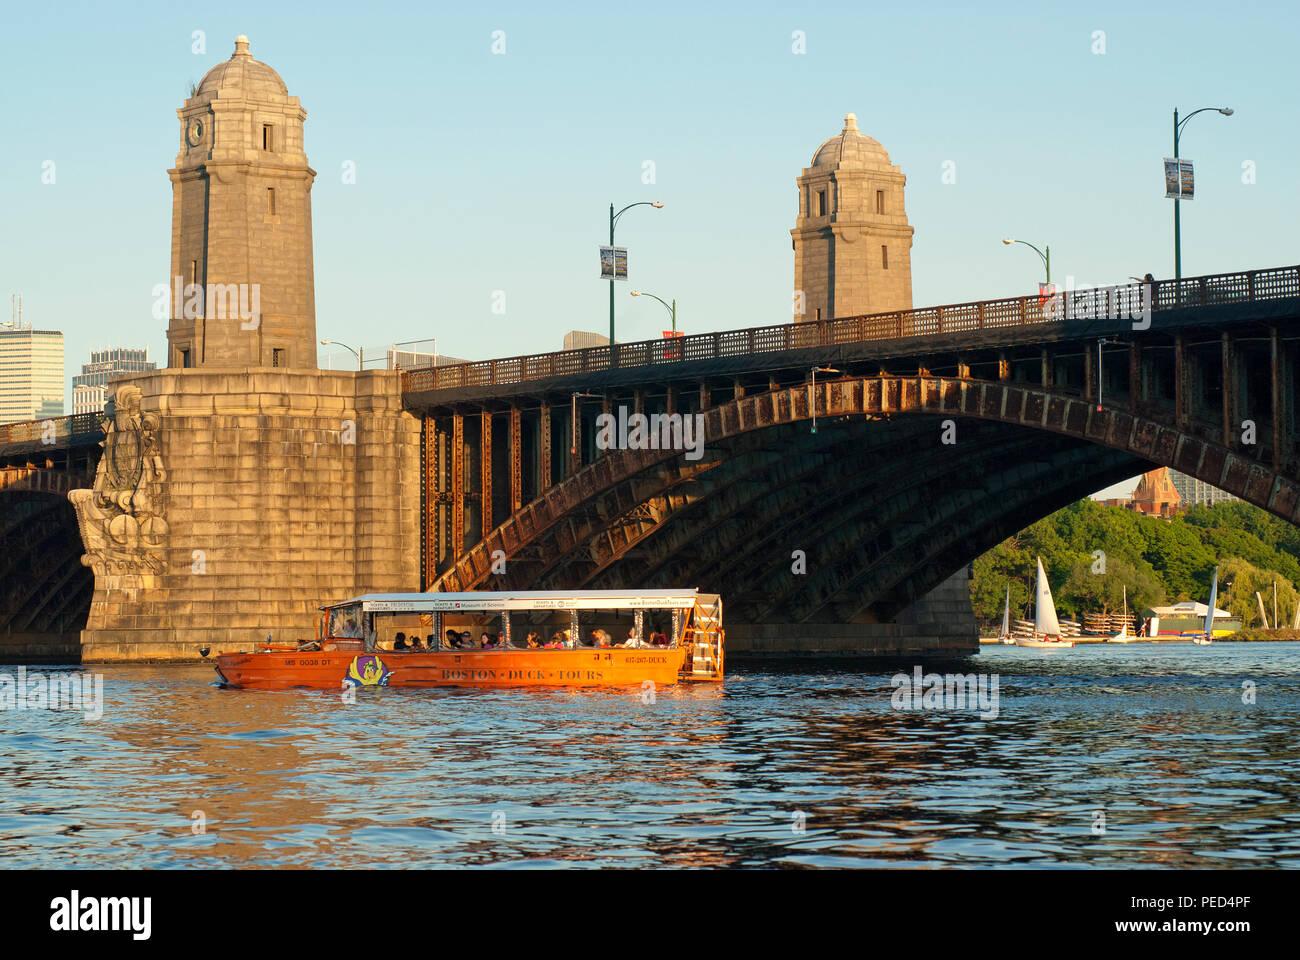 Boston Duck Tours, bateau à voile à un véhicule amphibie de la Charles River, à proximité de Pont Longfellow, Boston, comté de Suffolk, Massachusetts, USA Banque D'Images